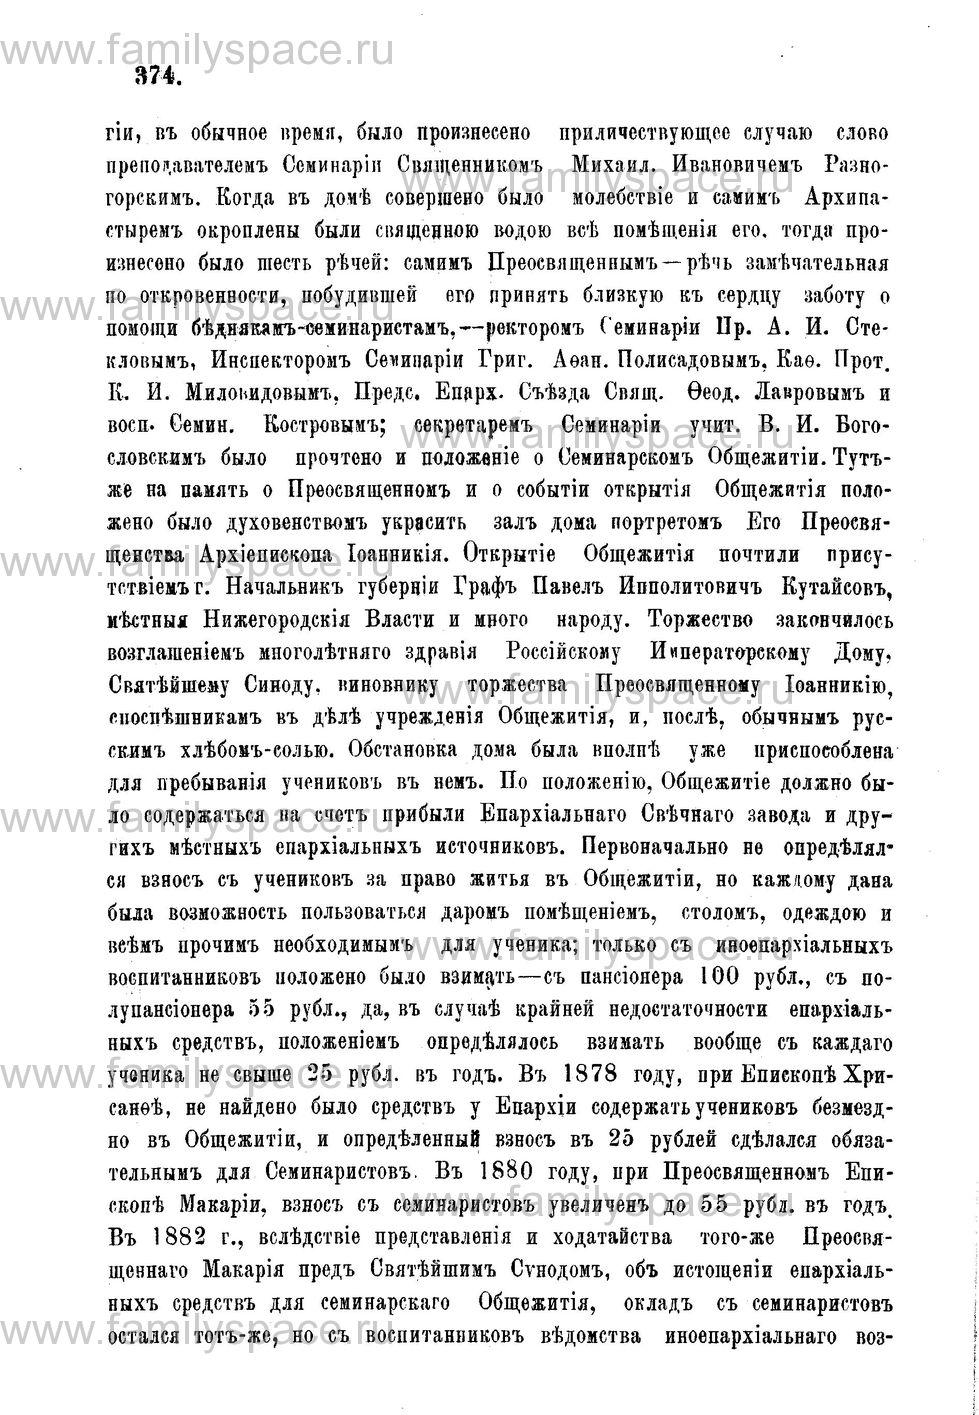 Поиск по фамилии - Адрес-календарь Нижегородской епархии на 1888 год, страница 1374